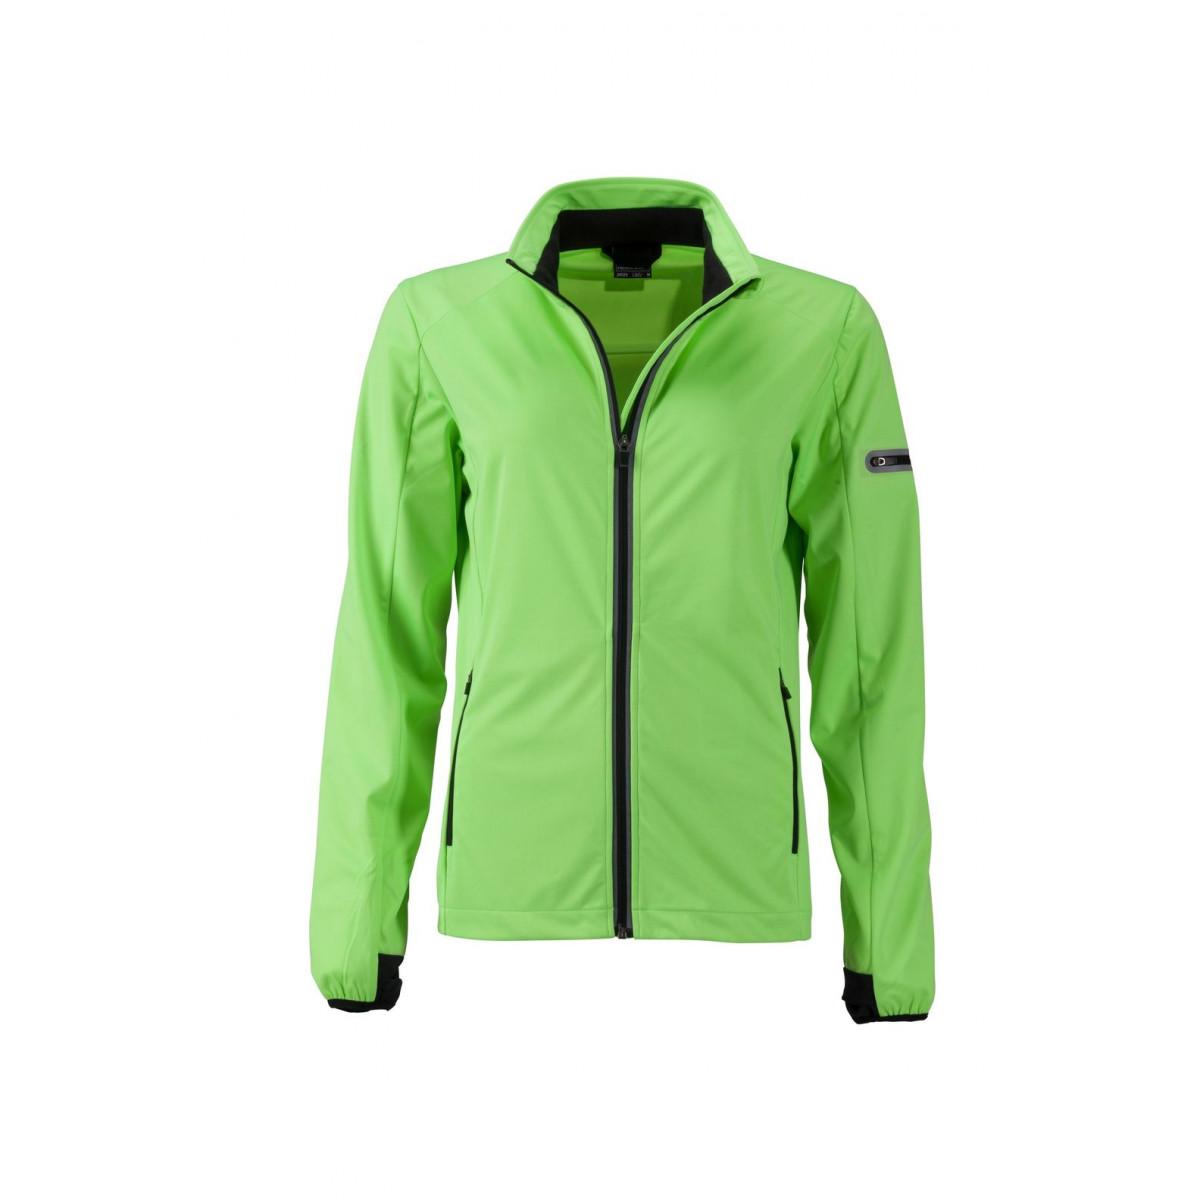 Куртка женская JN1125 Ladies Sports Softshell Jacket - Ярко-зеленый/Черный